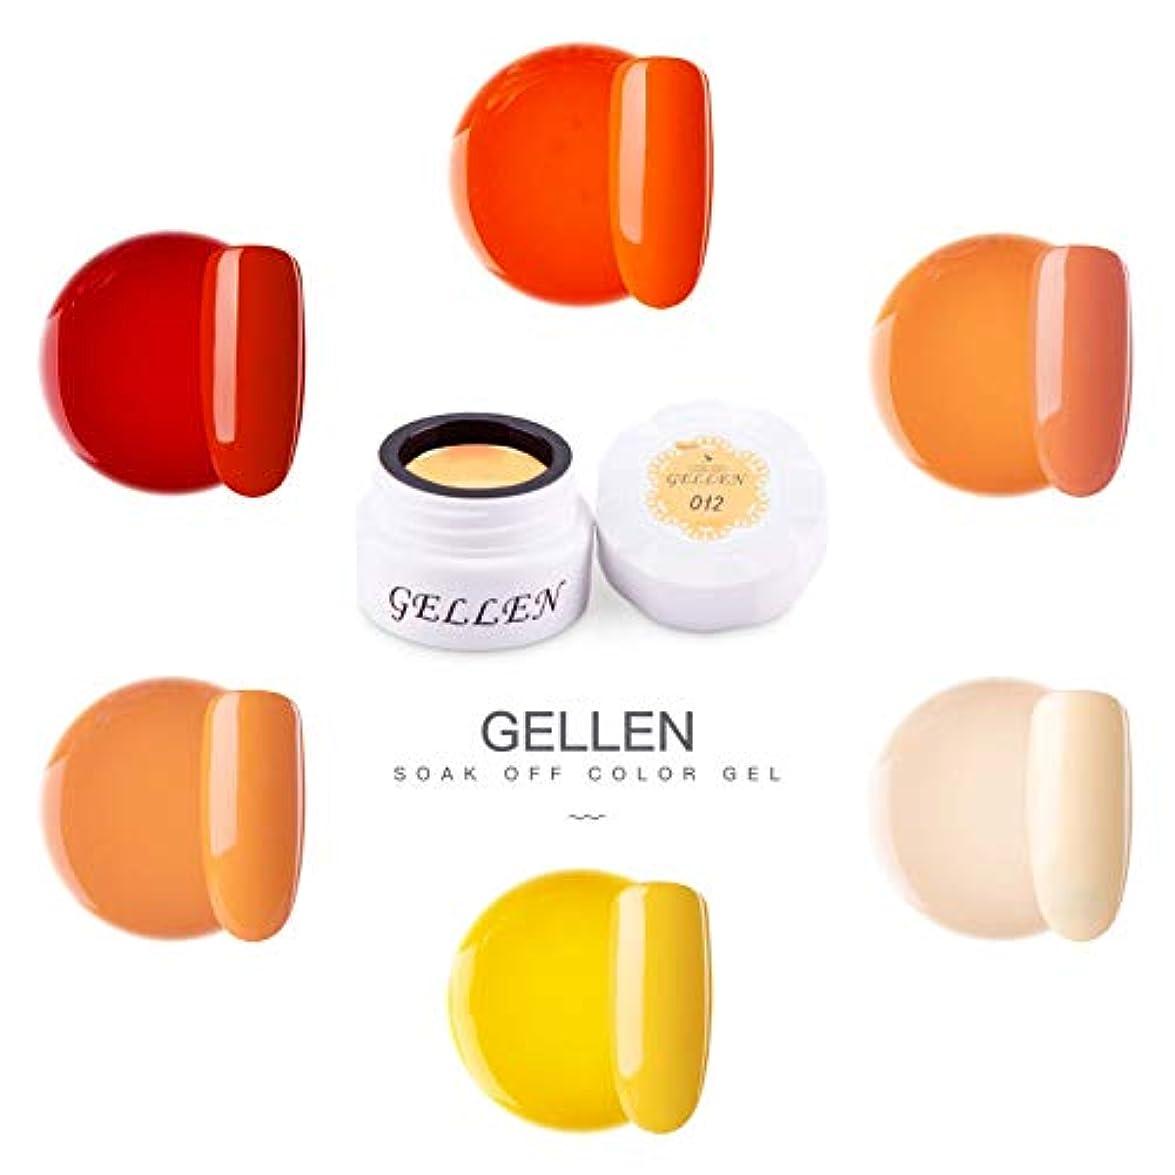 ラグダンプ建物Gellen カラージェル 6色 セット[オレンジ系]高品質 5g ジェルネイル カラー ネイルブラシ付き